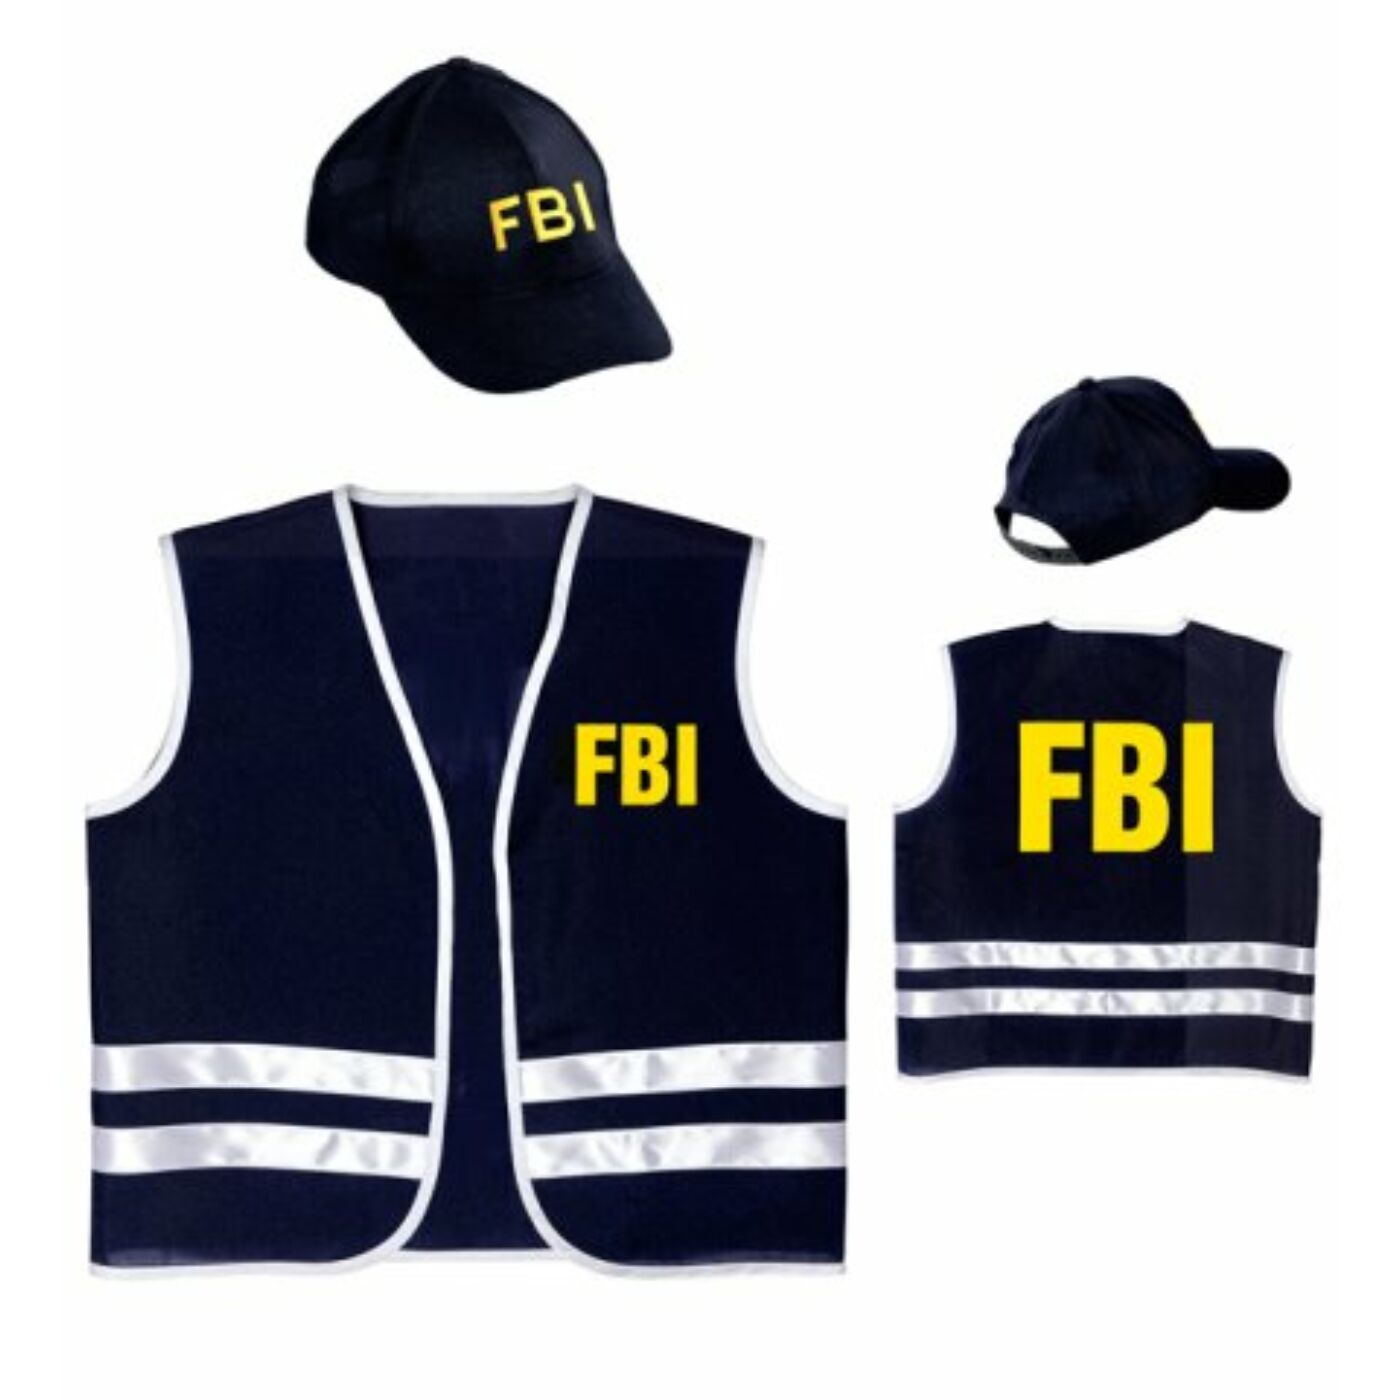 FBI szett